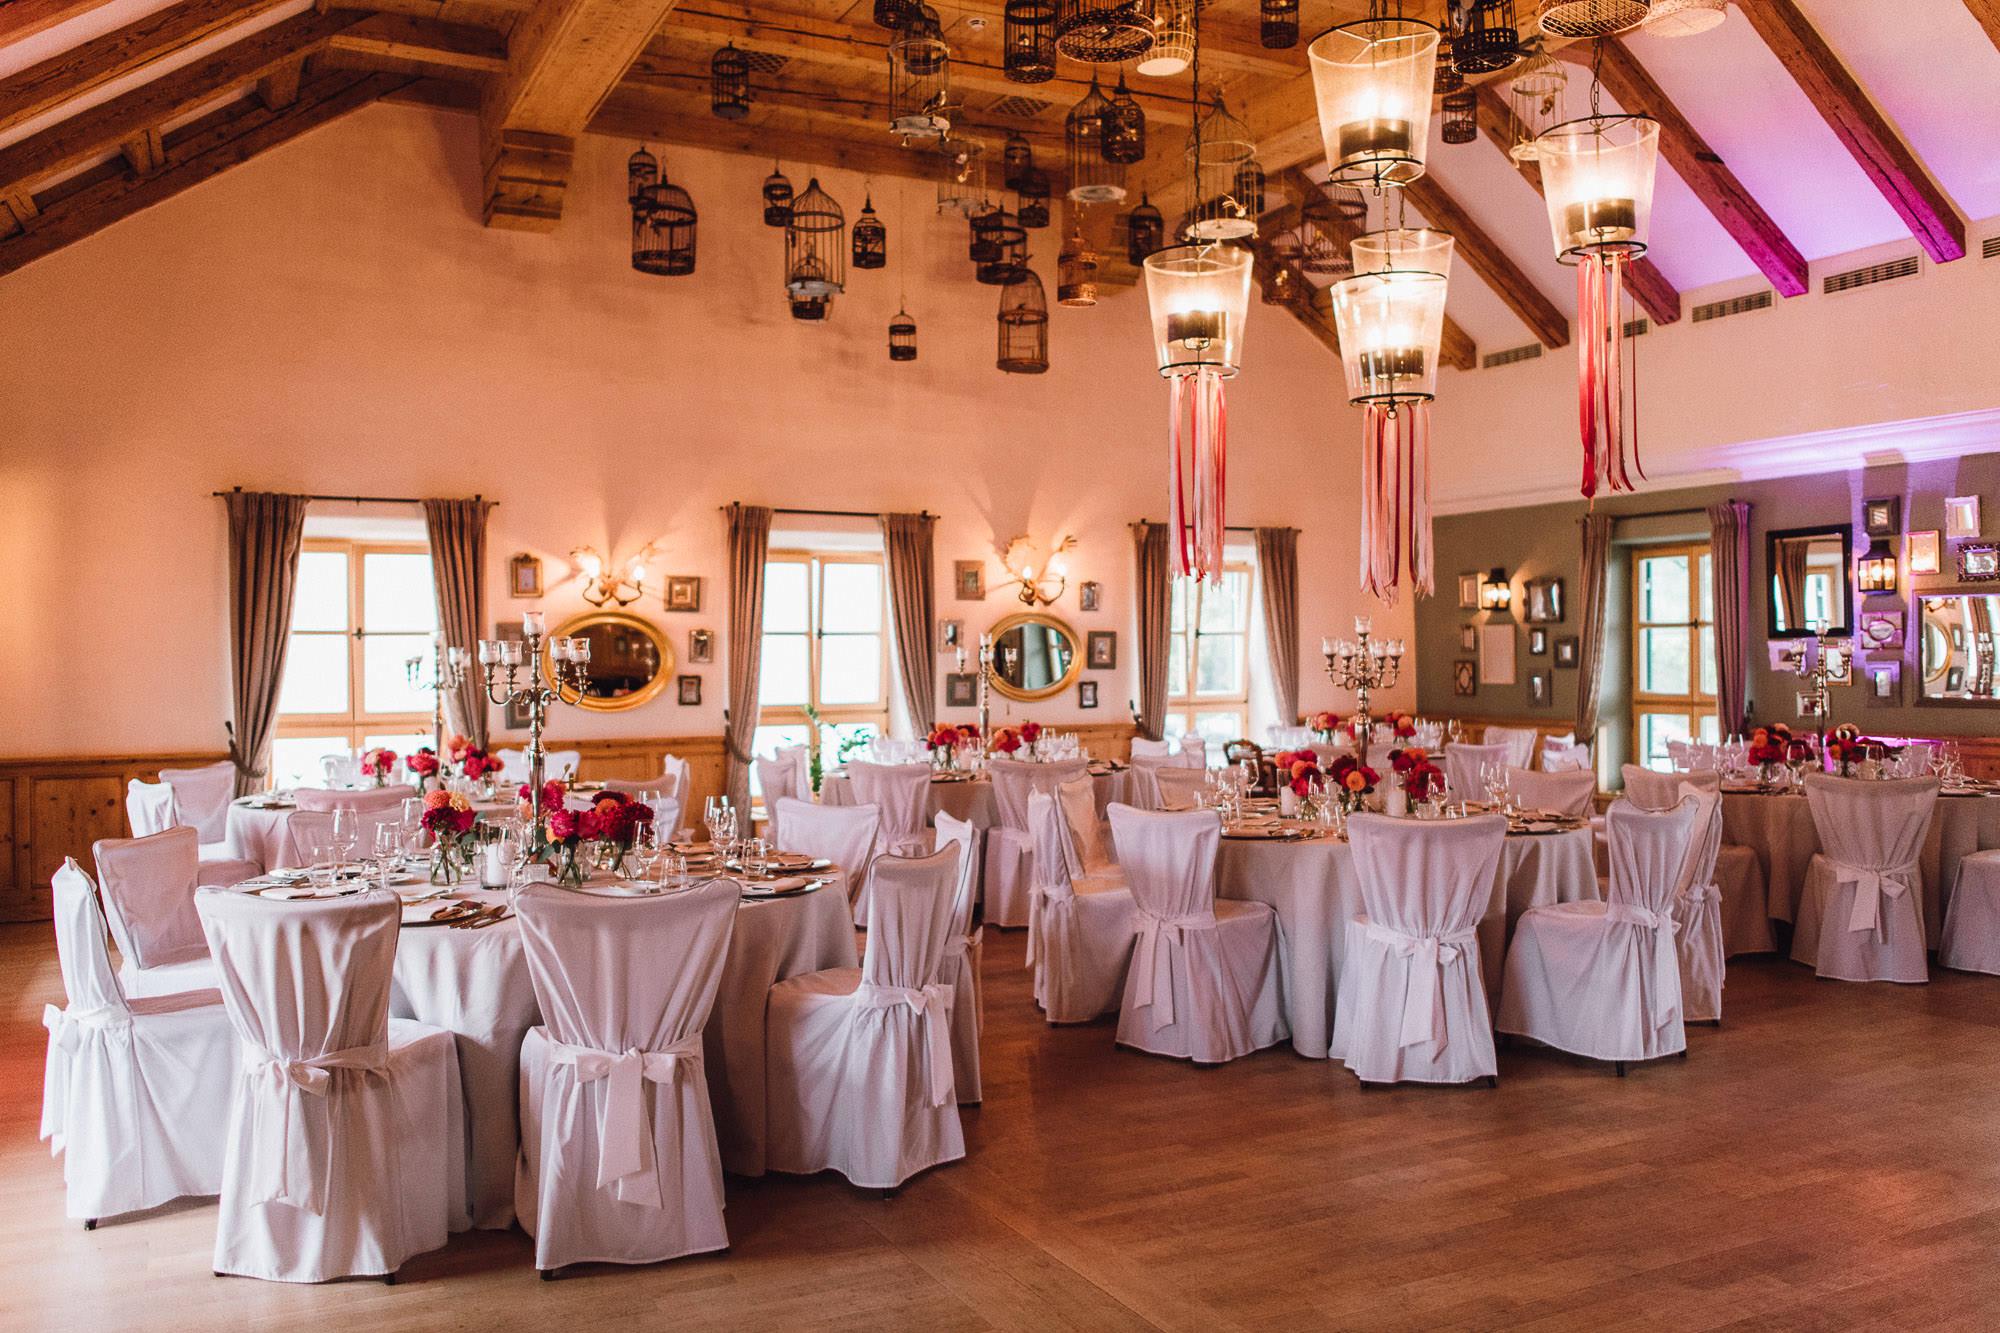 Dekorierter Saal auf Gut Kaltenbrunn